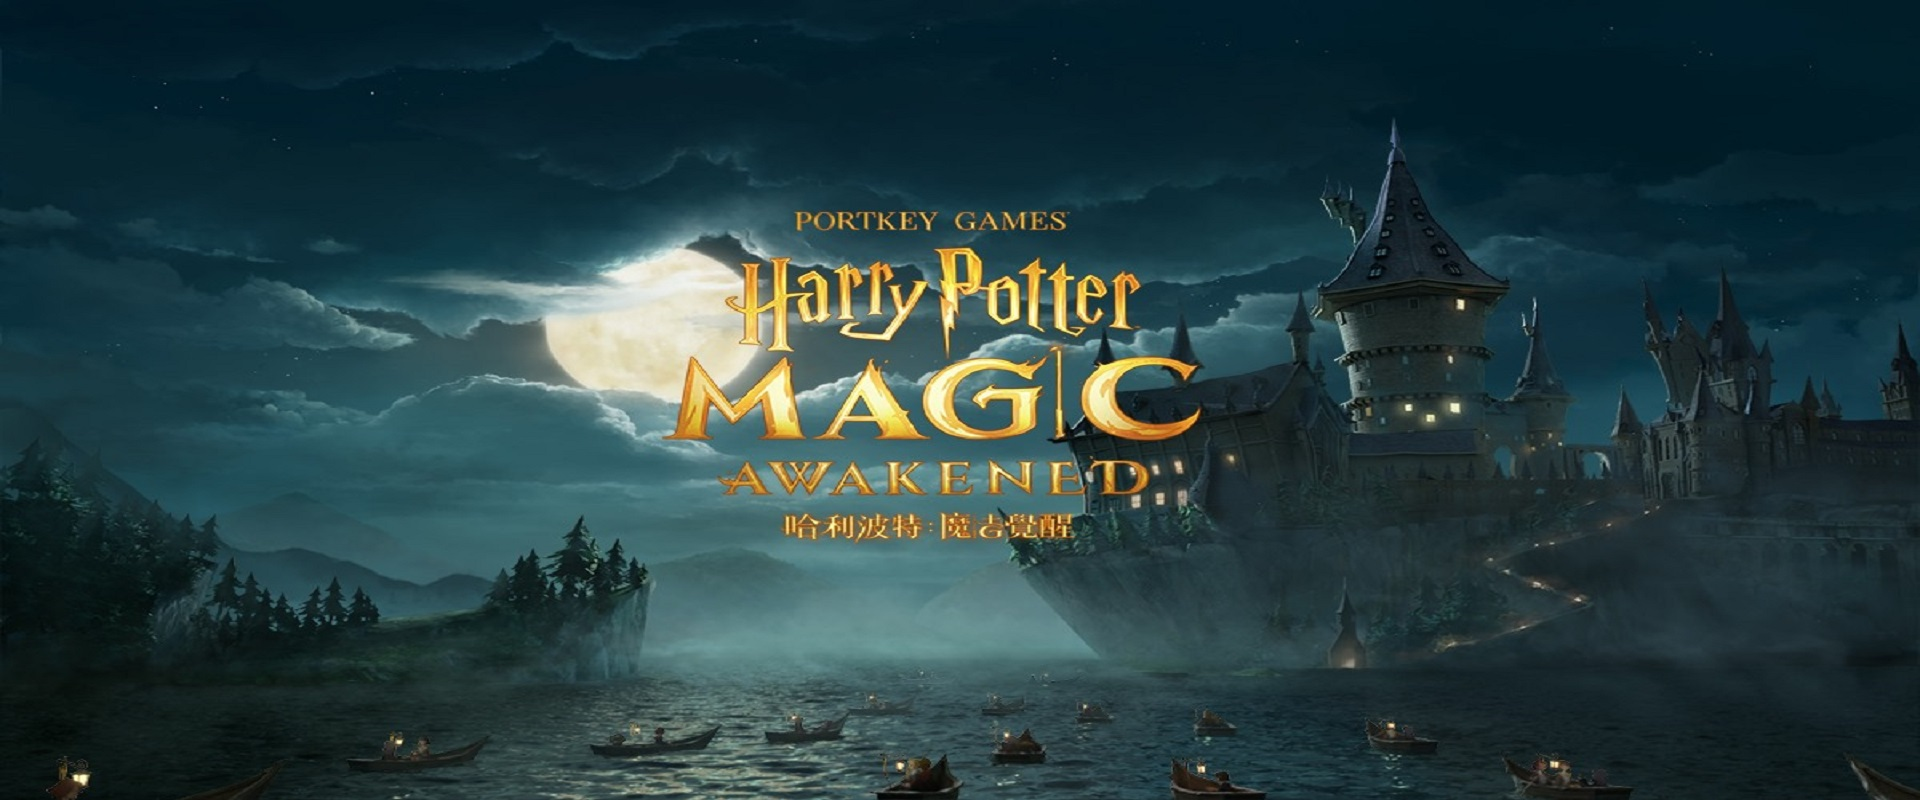 哈利波特:魔法覺醒